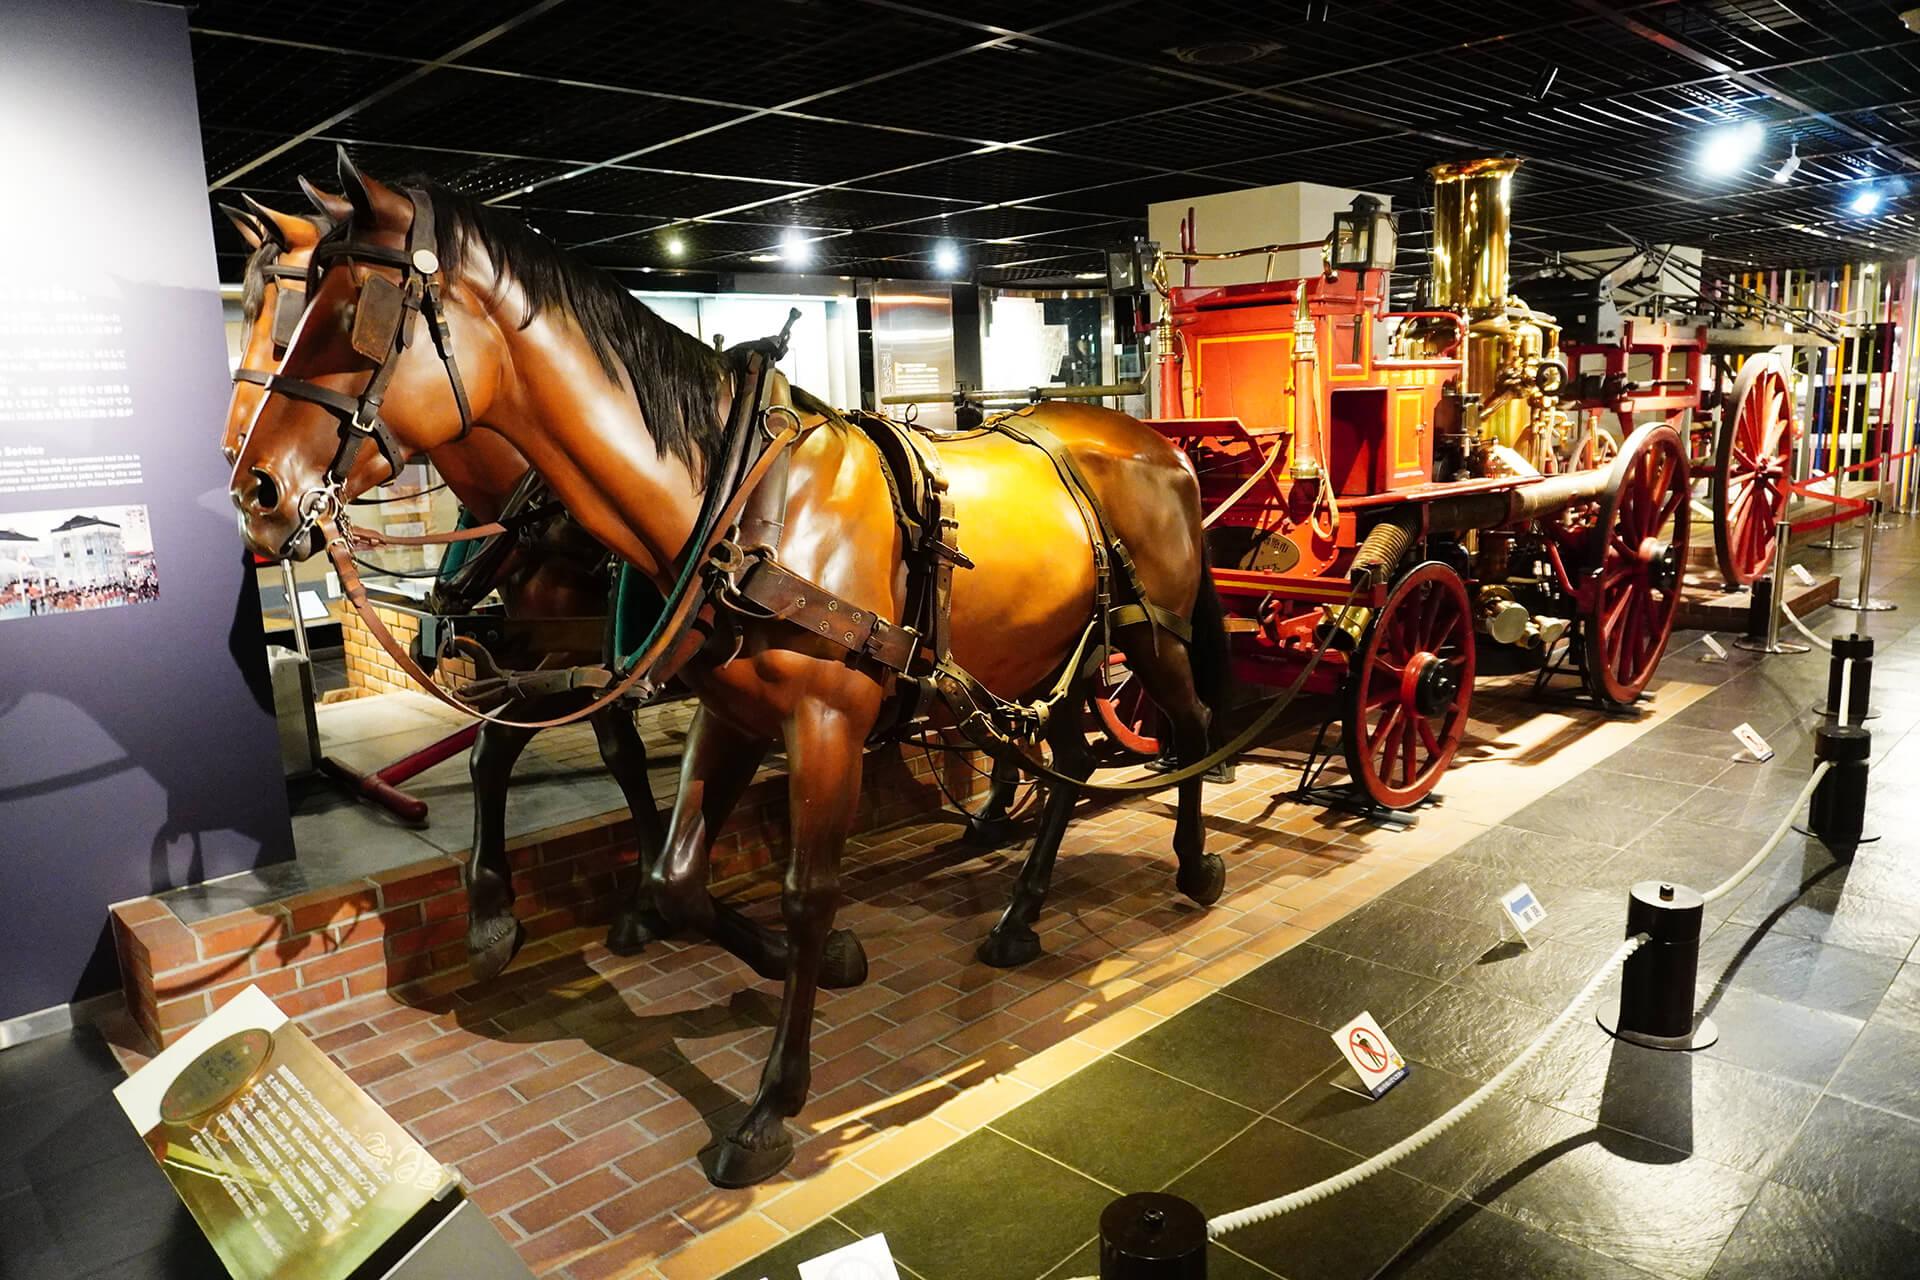 この写真は消防博物館にある昔の消防車展示・馬車